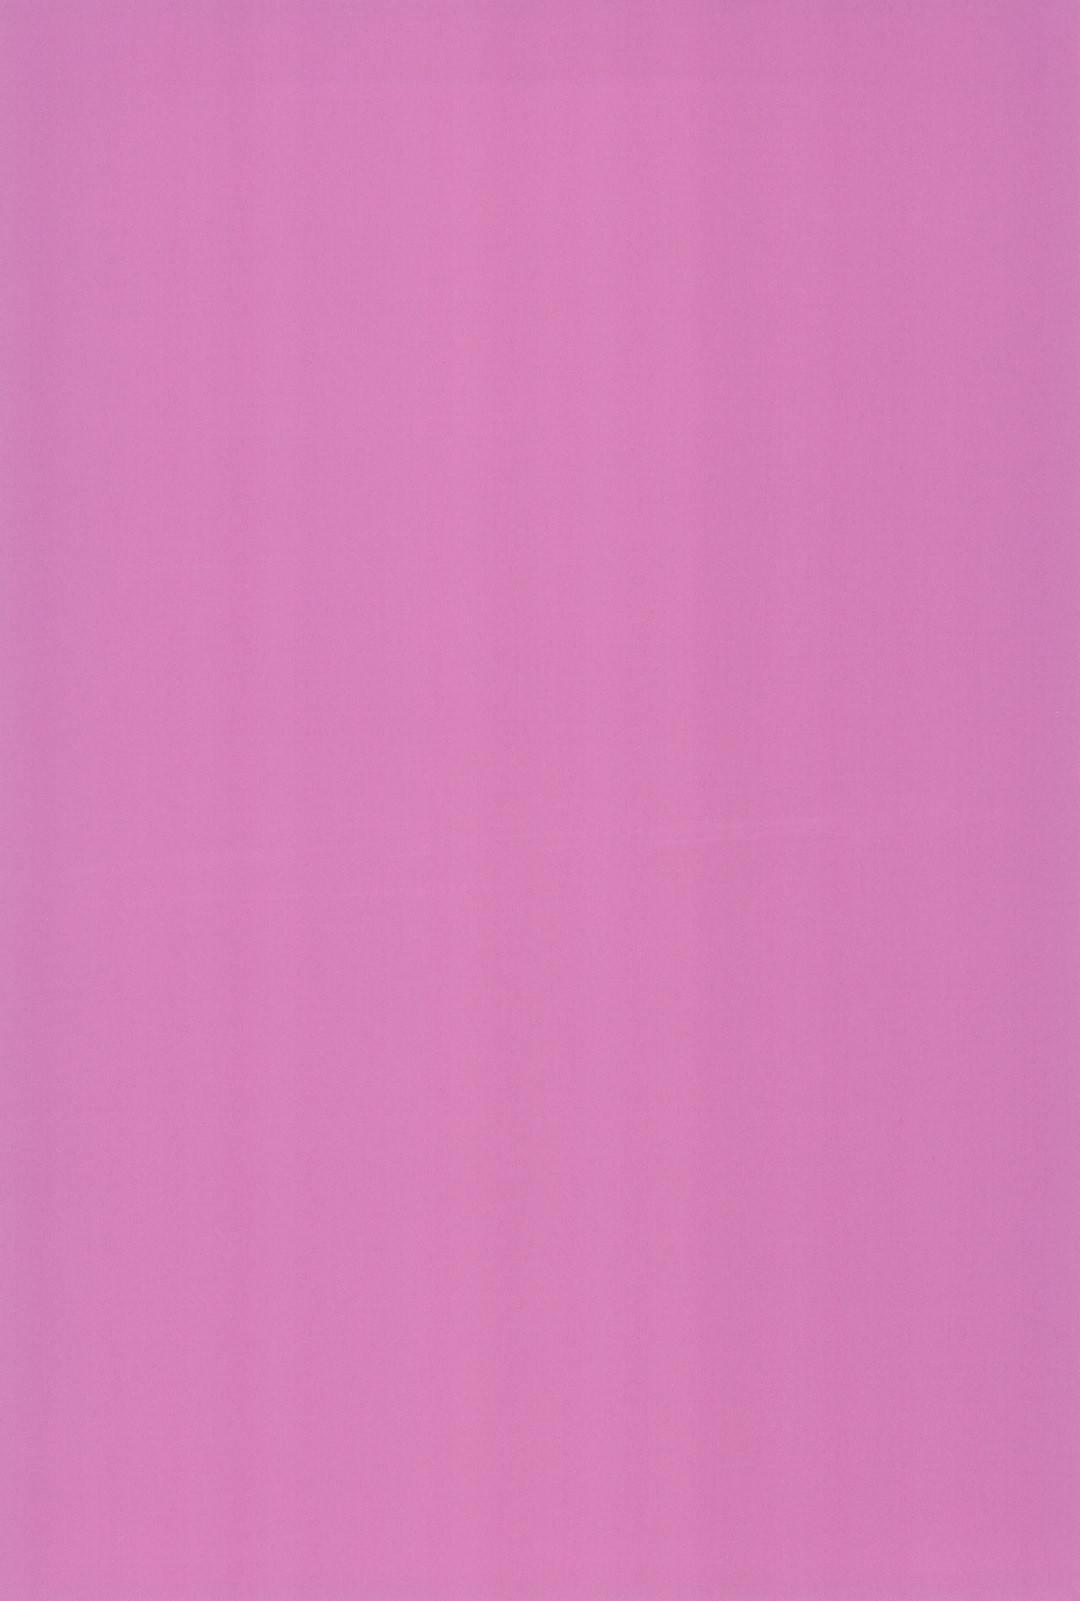 【エロ漫画】ヤミパラがきっかけでロリ少女のミクルやらぁらとエッチな事をするような関係となったロリコンおじさん。ある日彼はミクルとセックスしているところをらぁらに見られしまい、ヤキモチを焼かれて3Pセックスする展開に発展する!